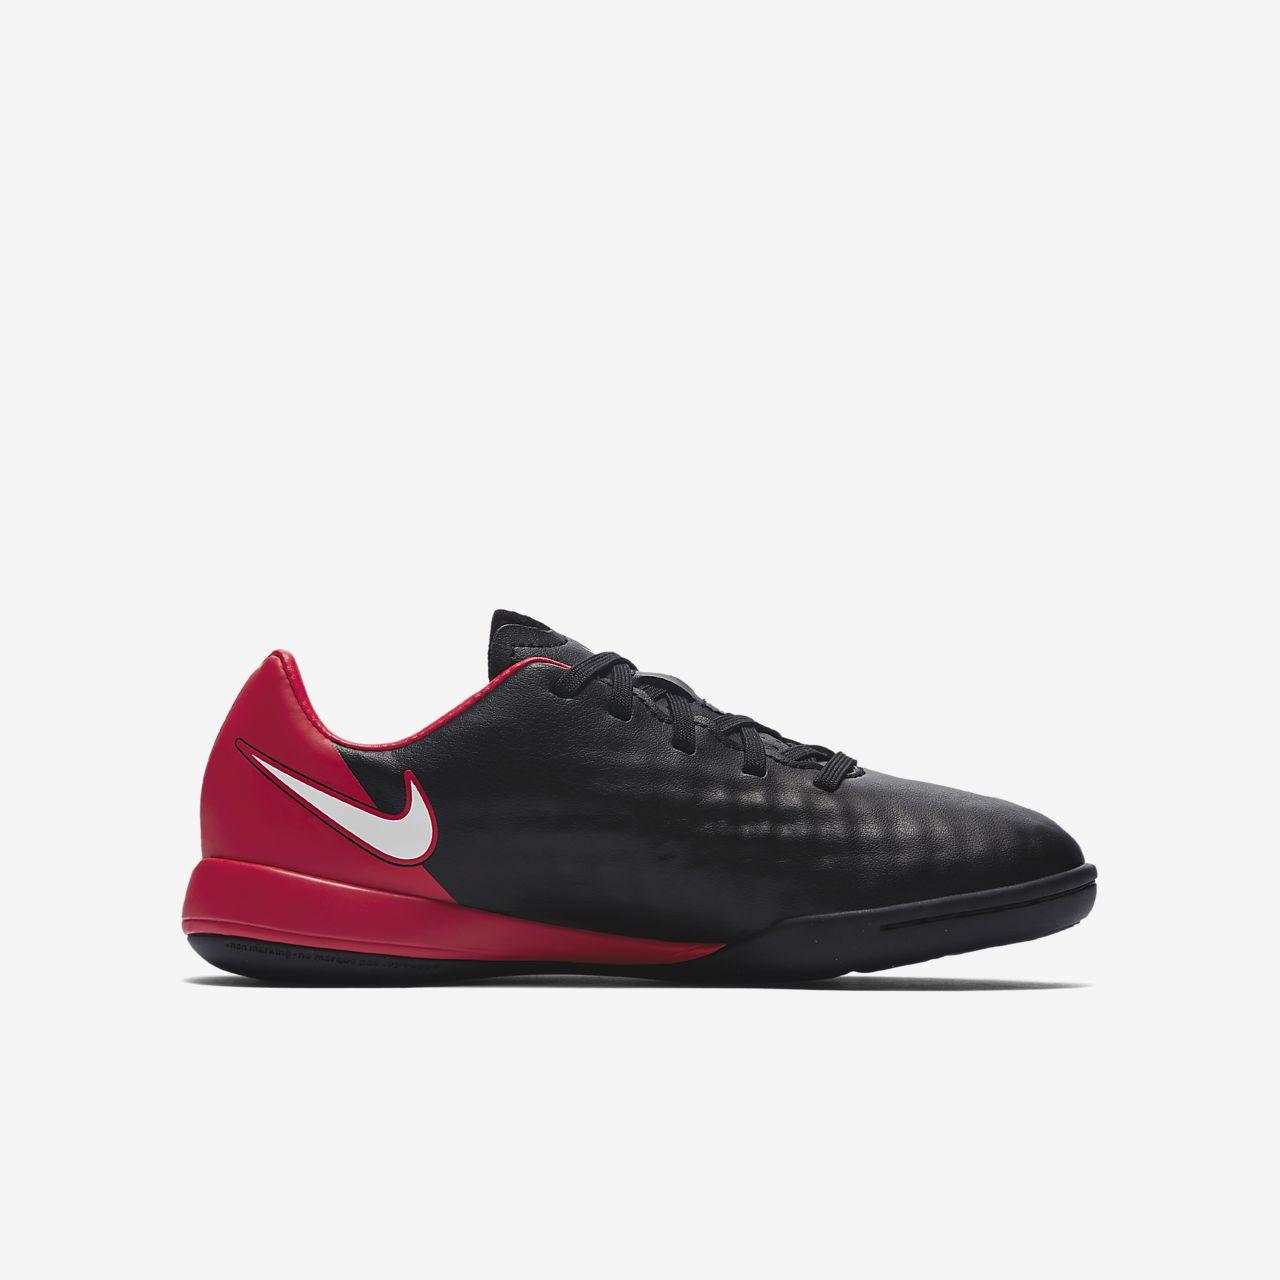 ... Nike Jr. MagistaX Onda II Older Kids' Indoor/Court Football Shoe